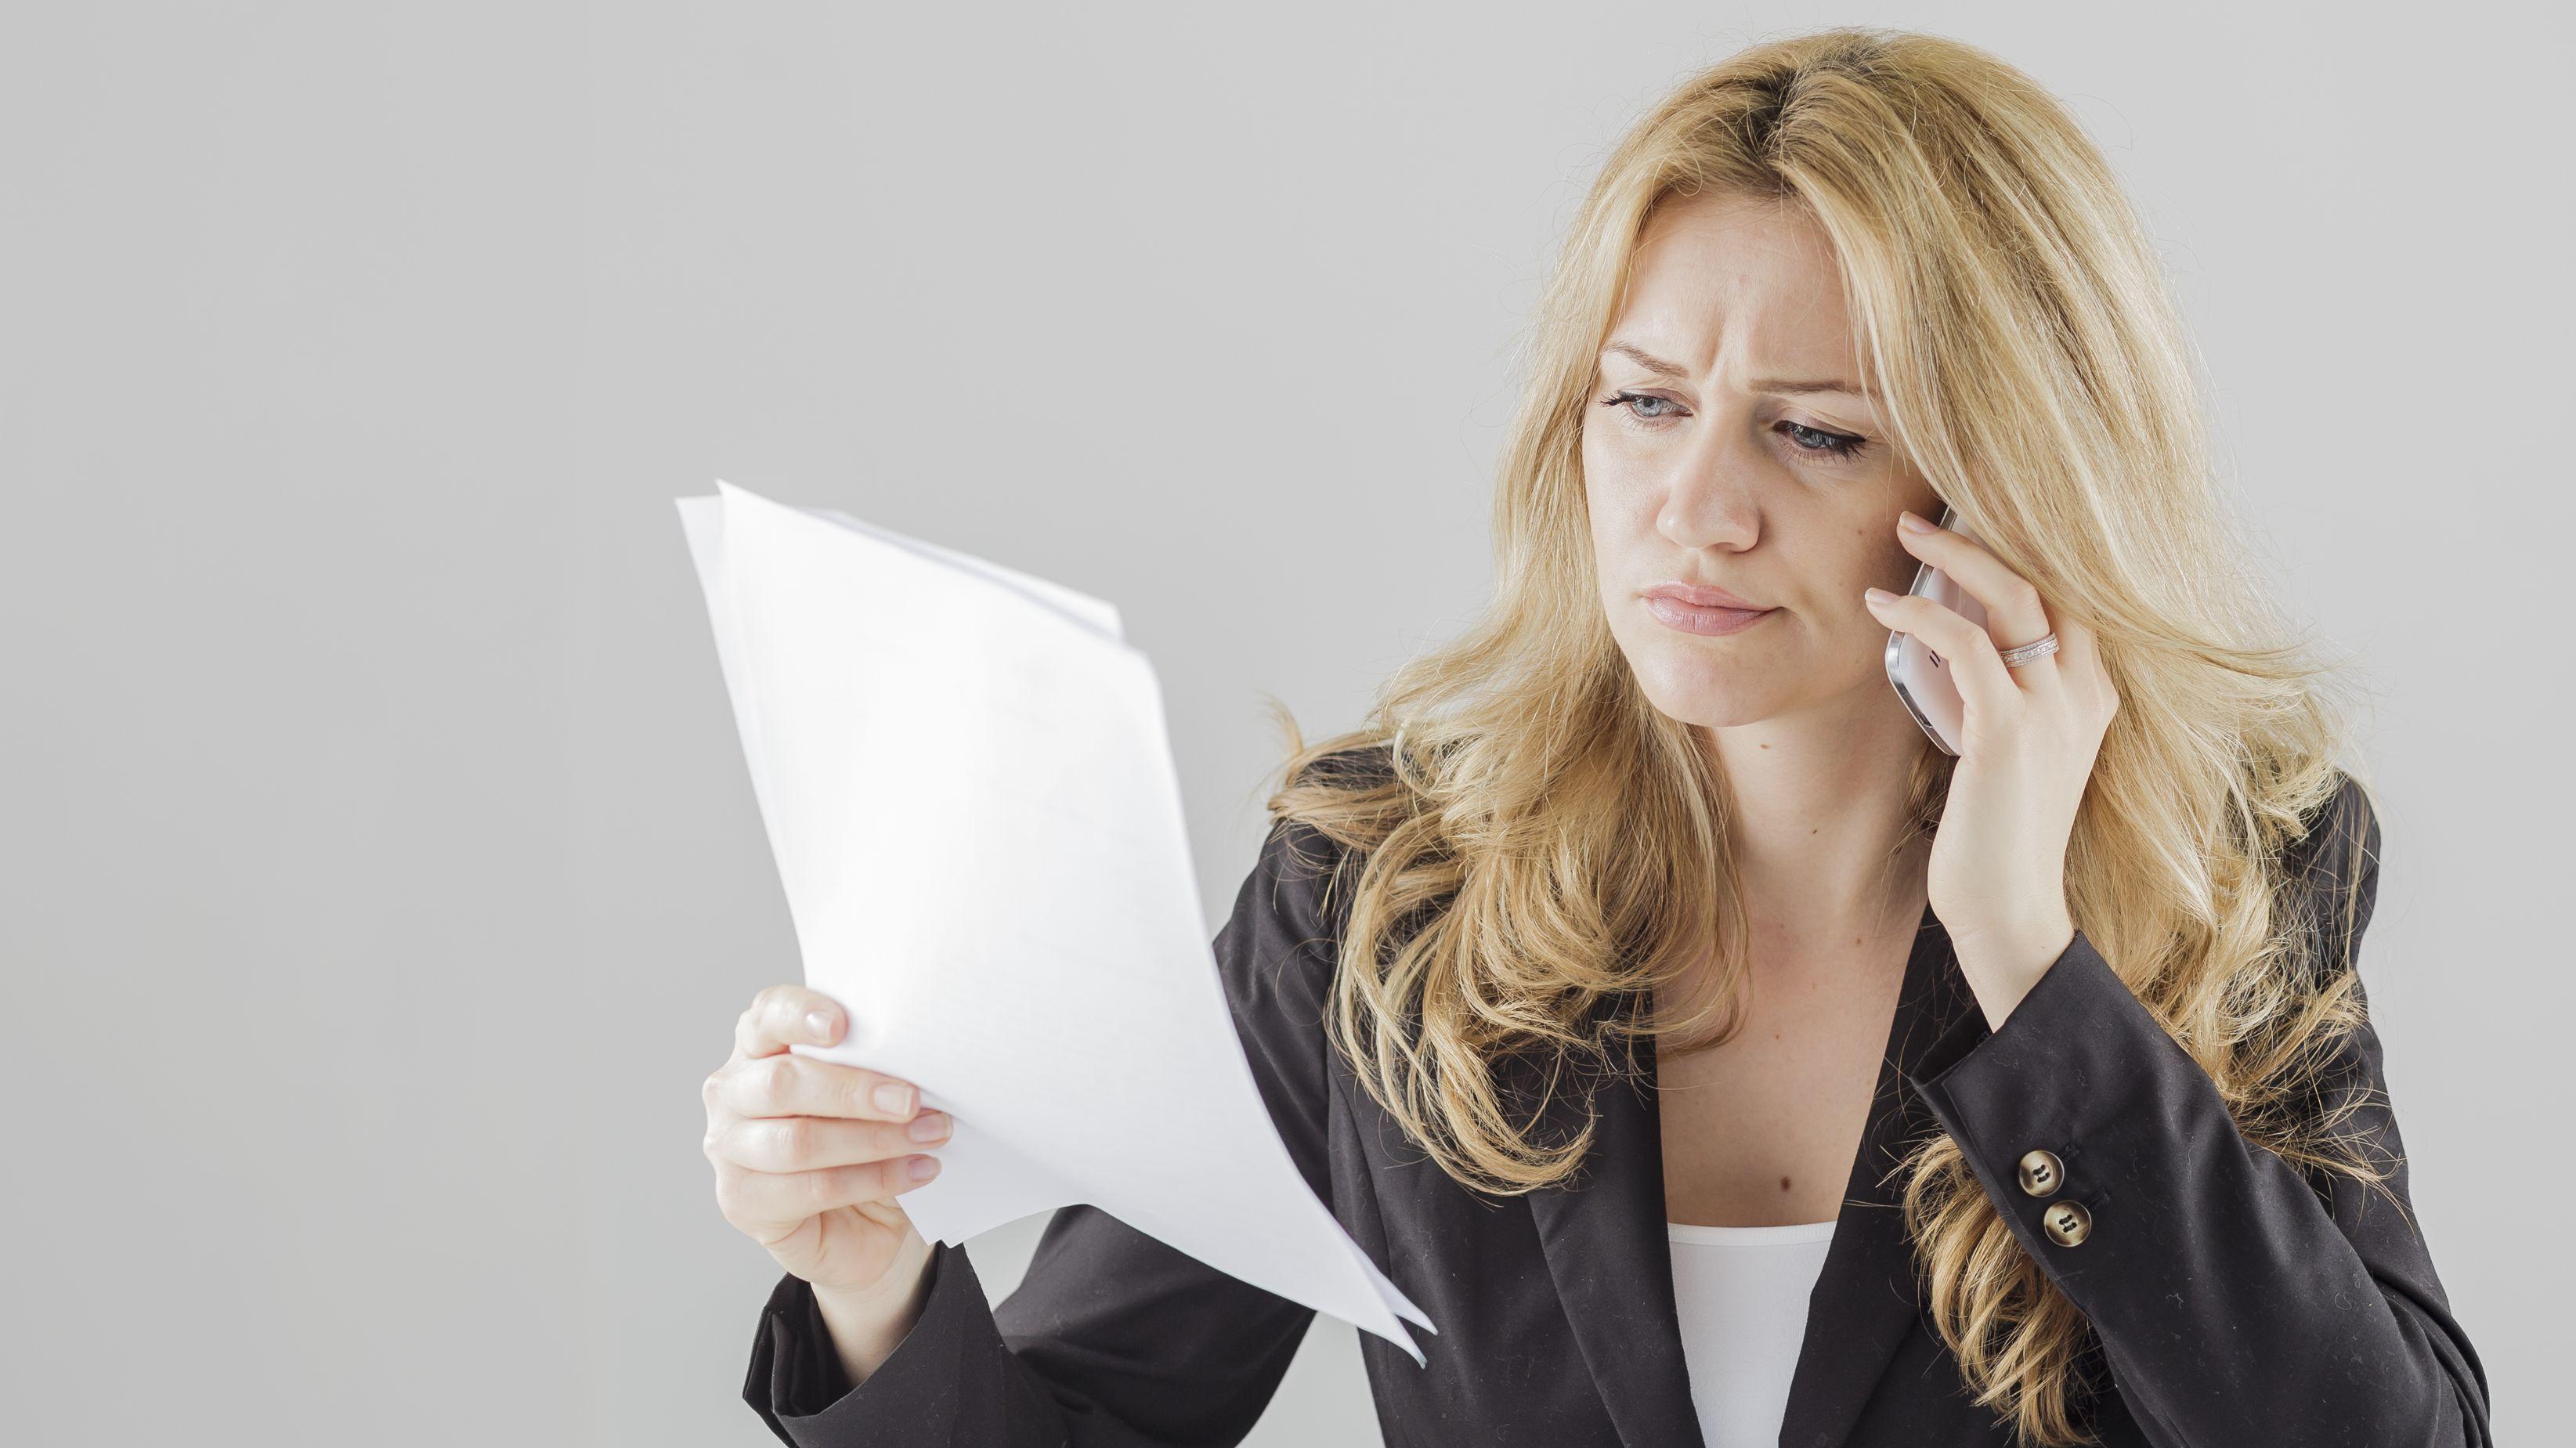 Illustration: Eine Frau telefoniert mit einem Smartphone, während sie Unterlagen in der Hand hält.